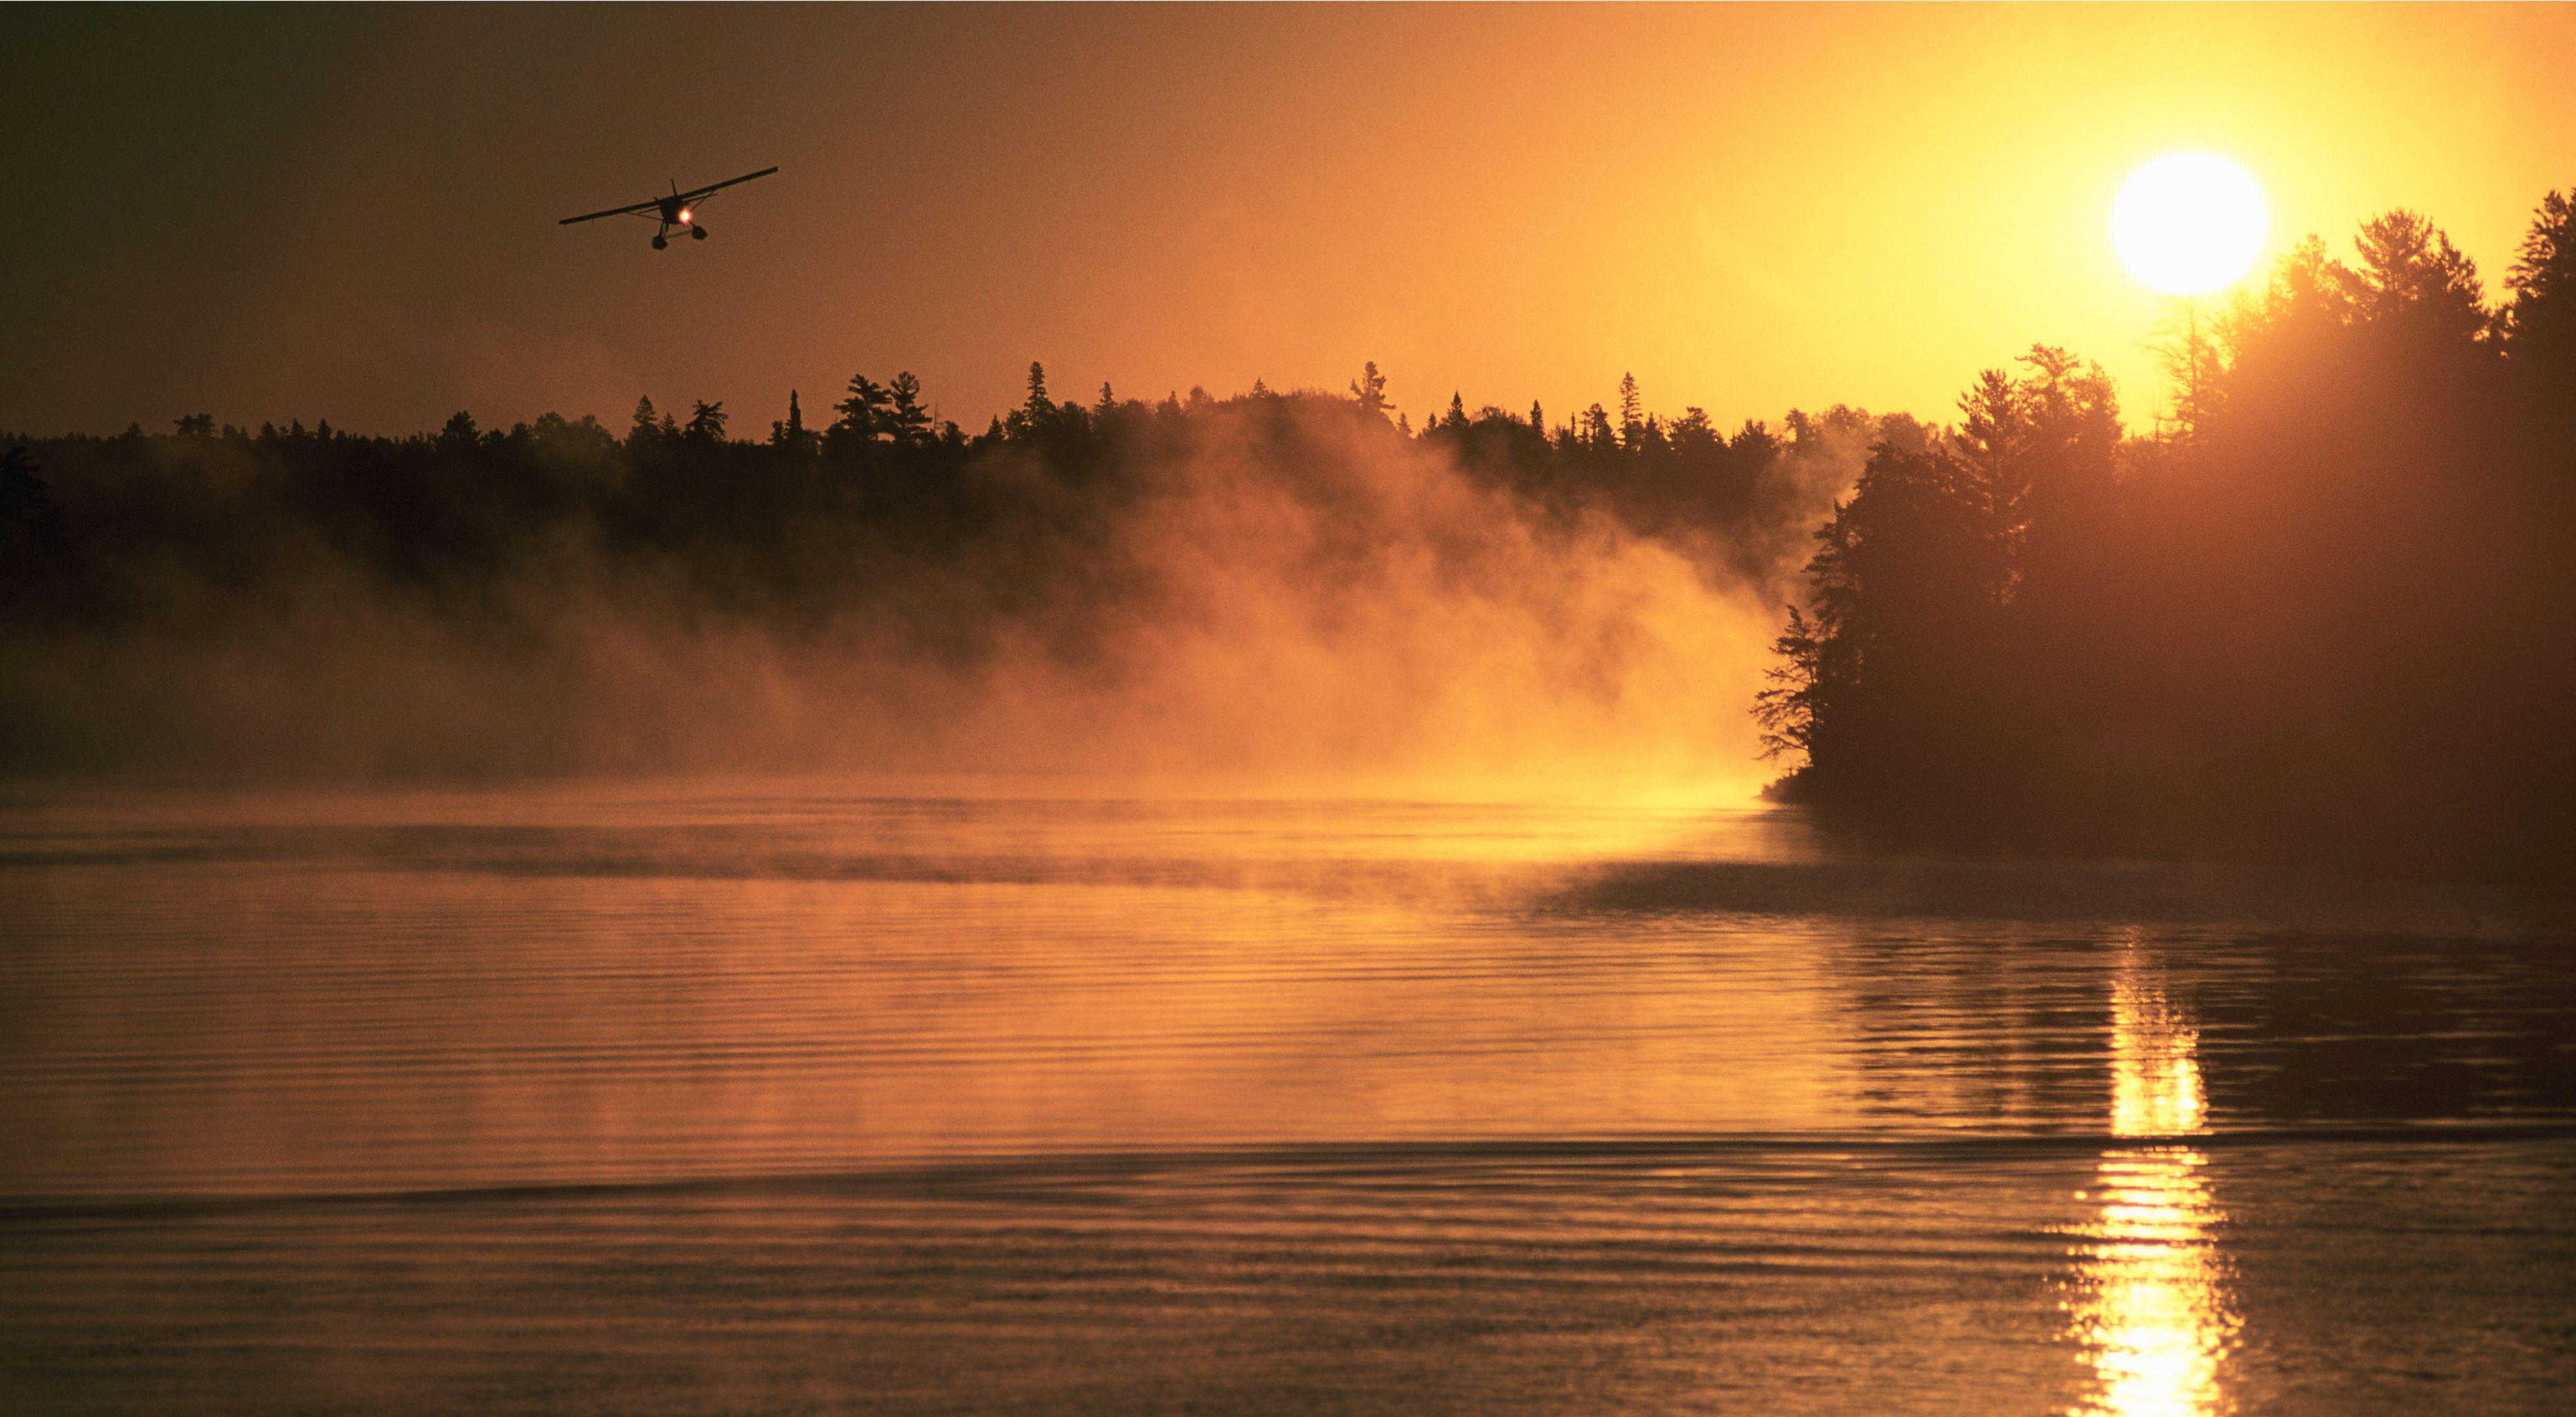 浮动飞机携带的渔民在伊斯特·阿斯托斯黎明出发,落在加拿大安大略省树林地区湖泊中的众多湖泊之一。